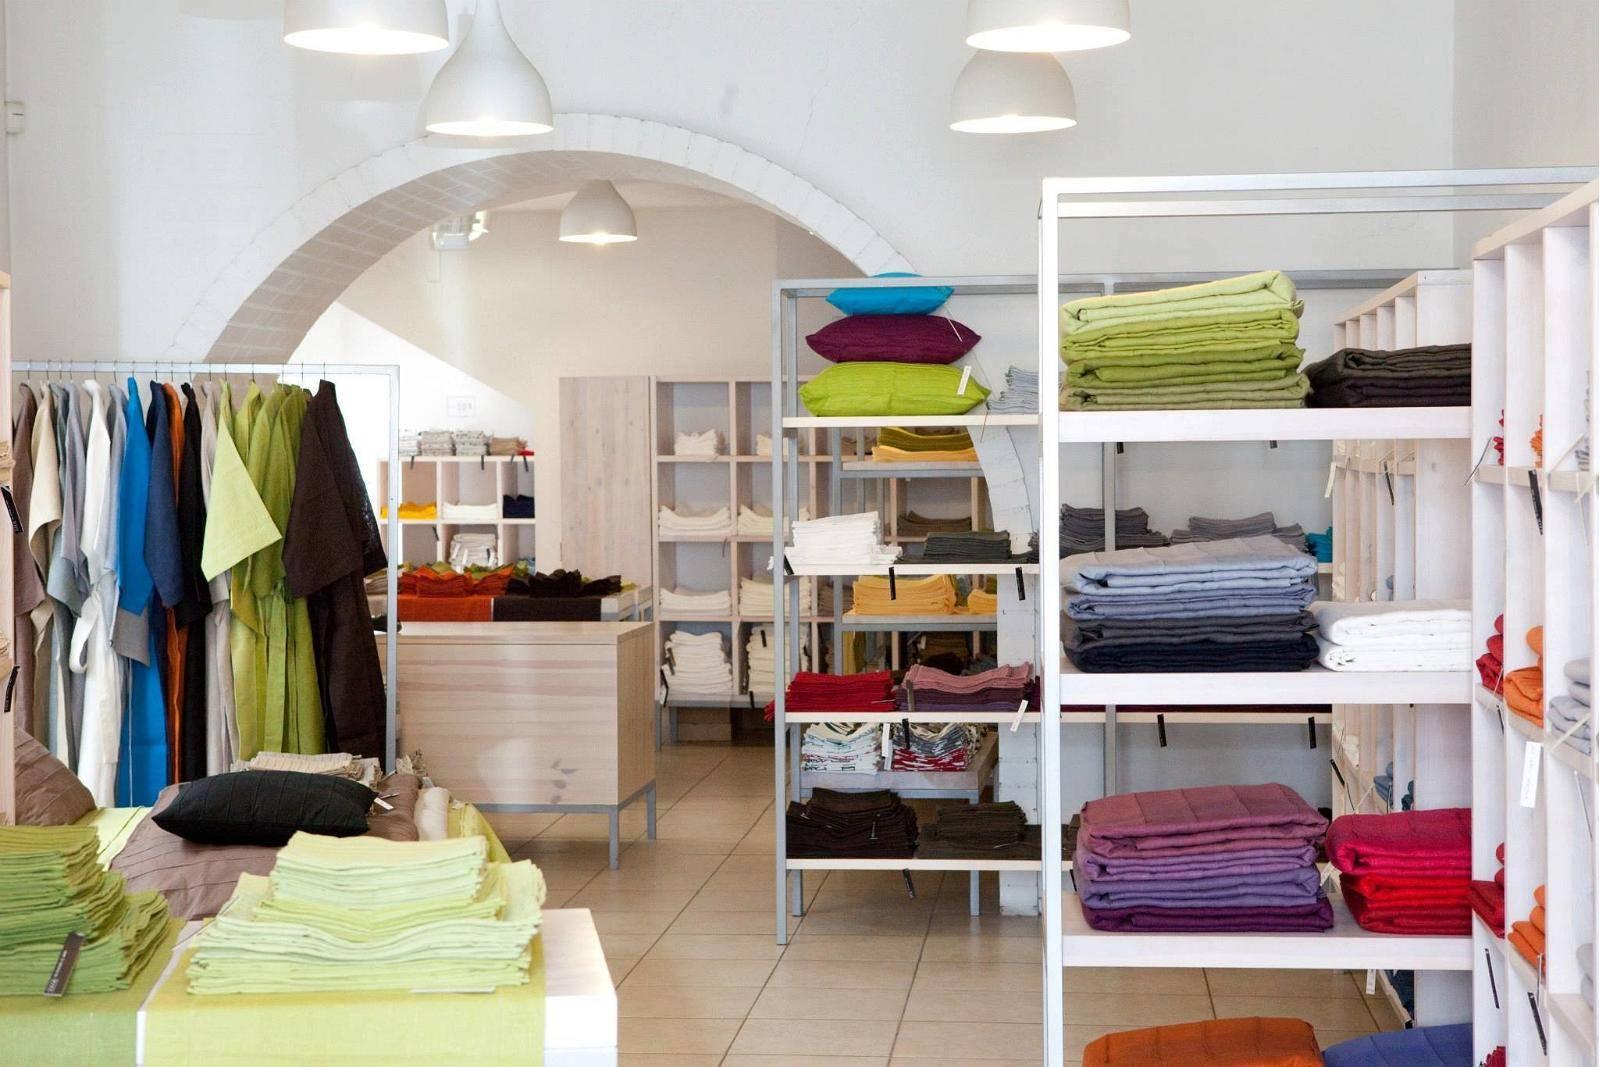 Zizi estonian design shop in Tallinn,Estonia